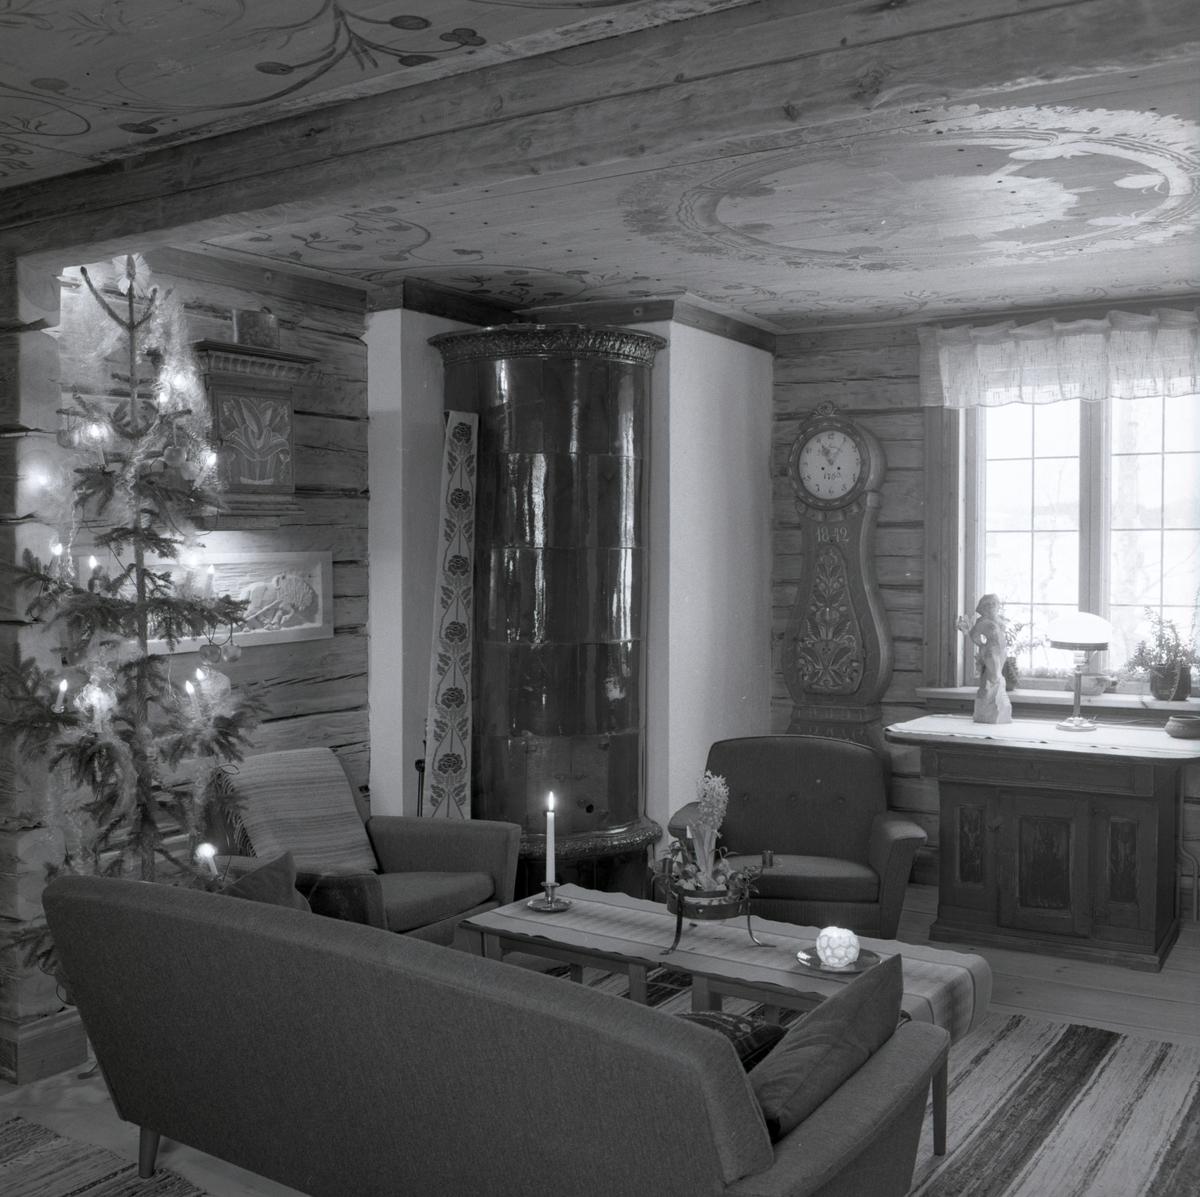 Ett rum med kakelugn och julgran på gården Sunnanåker, januari 1970.